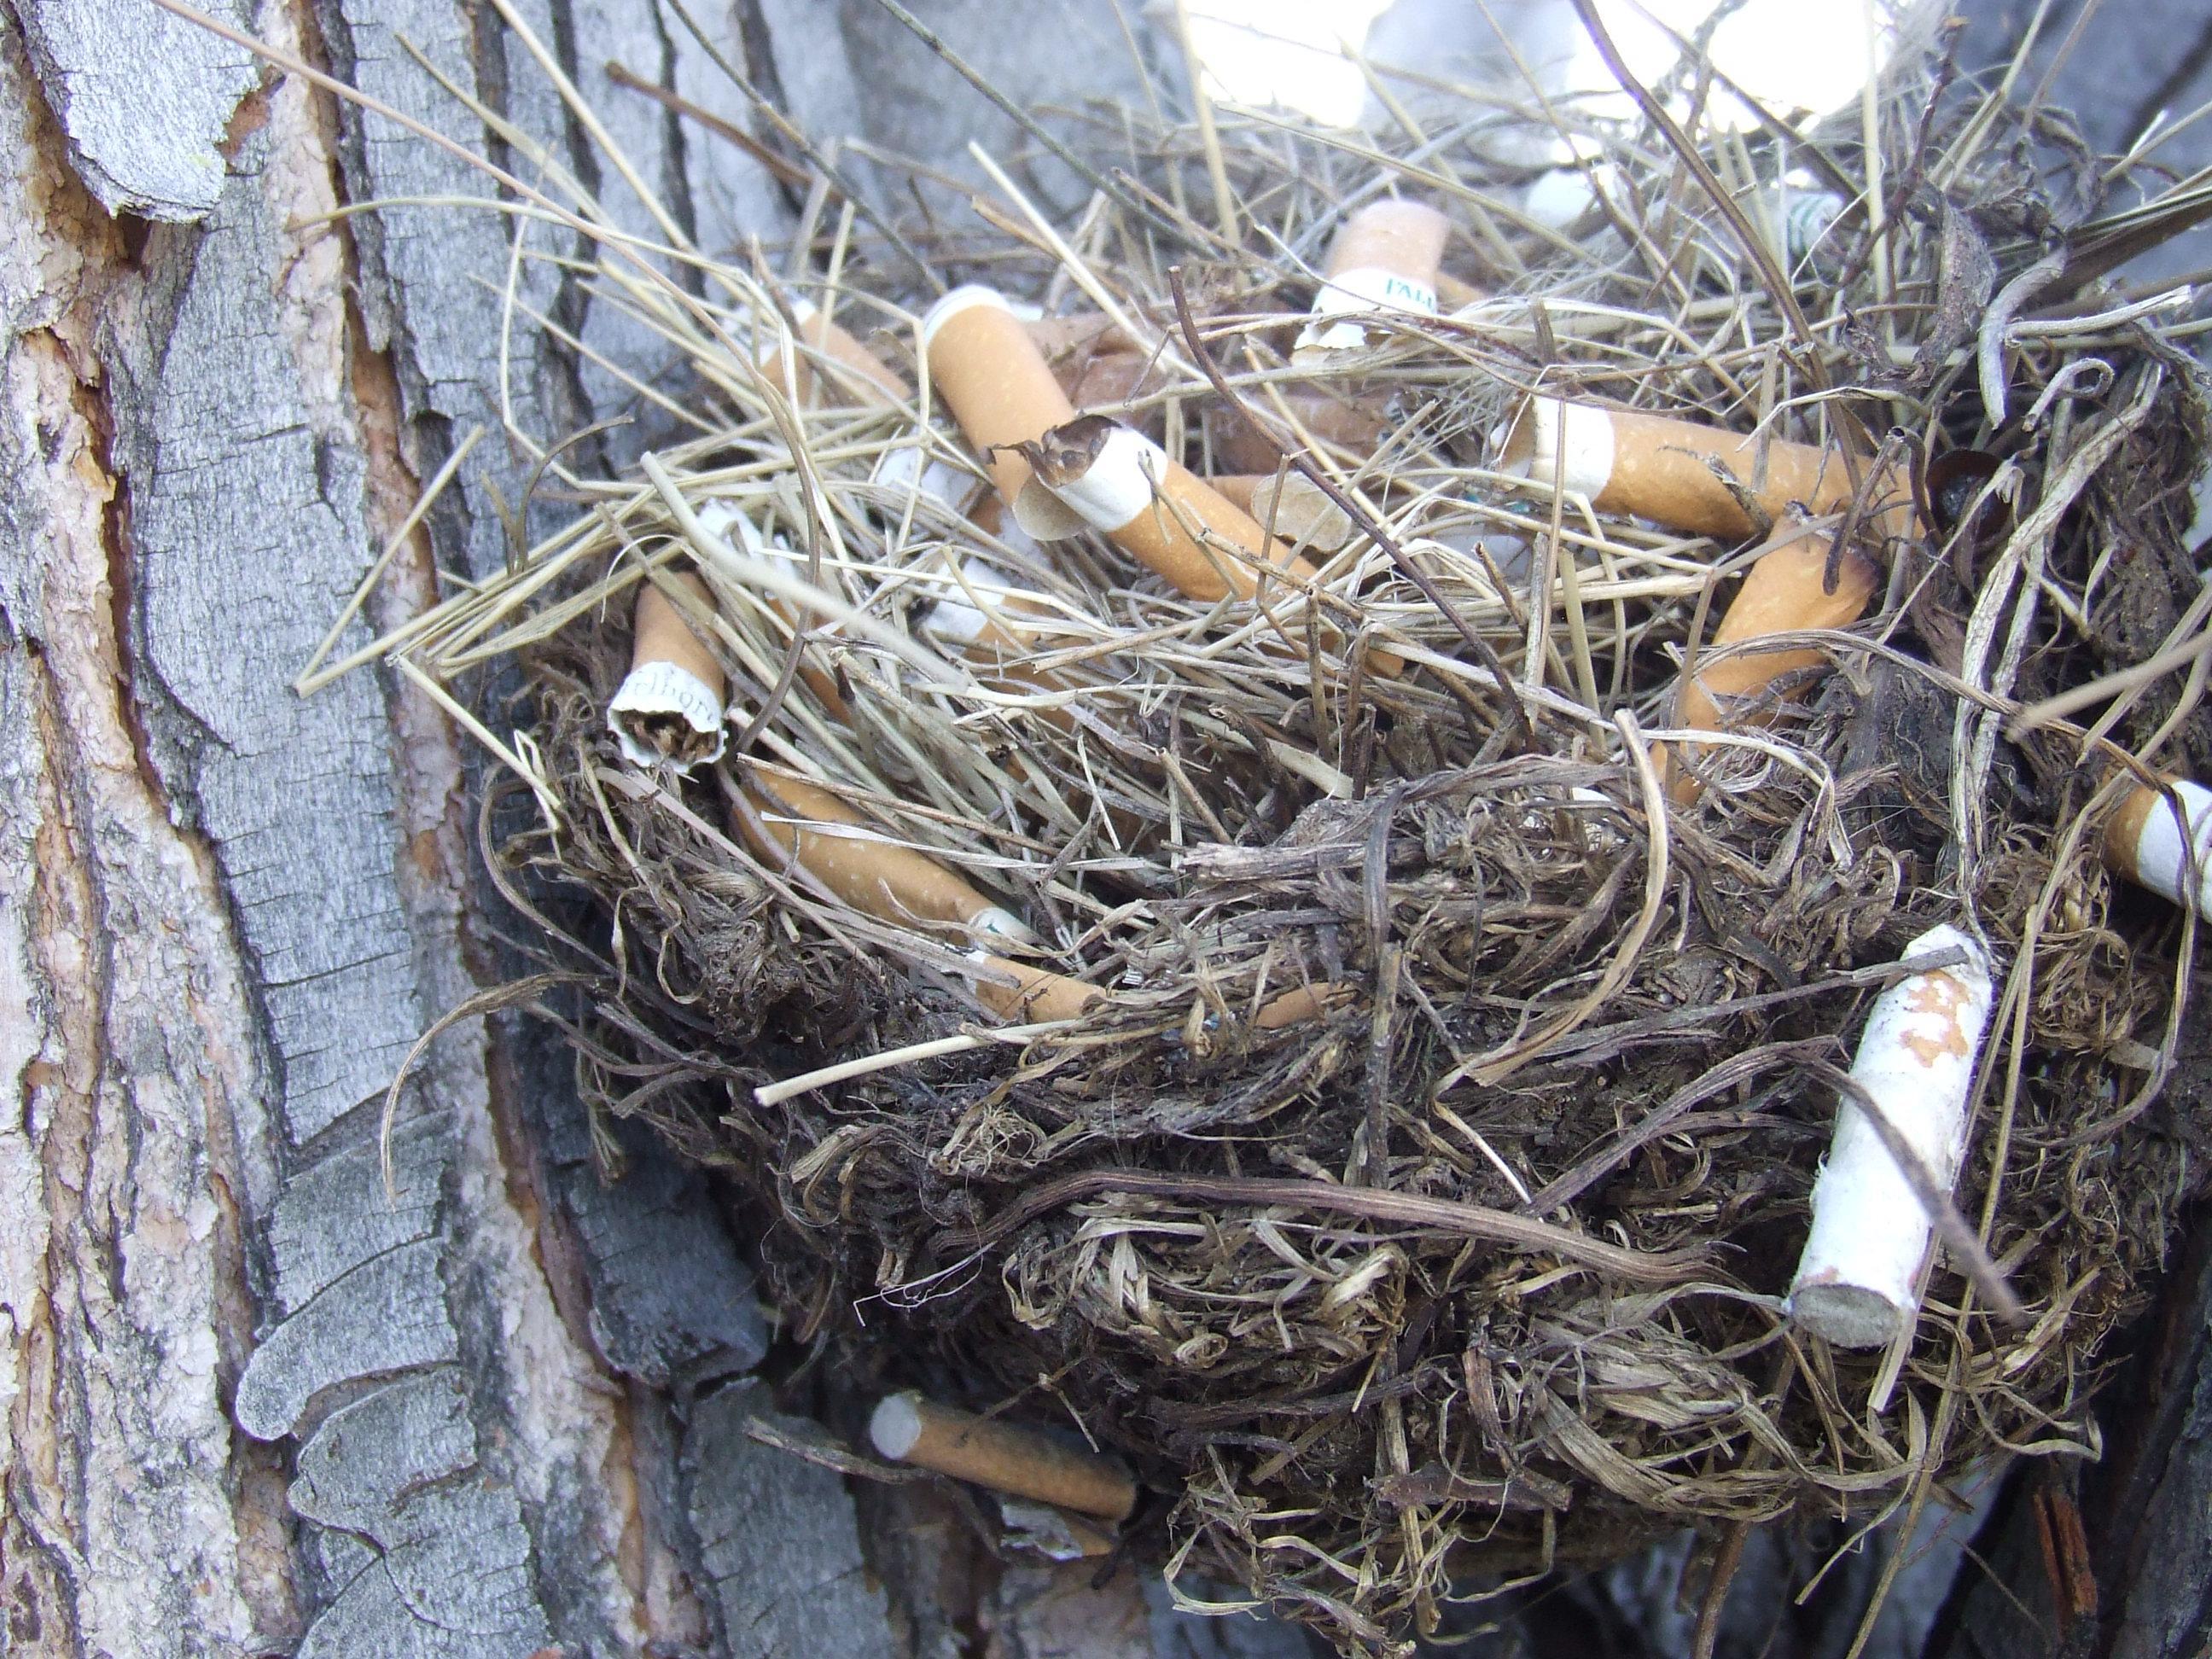 Сигаретные окурки оказались полезны для здоровья вьюрков